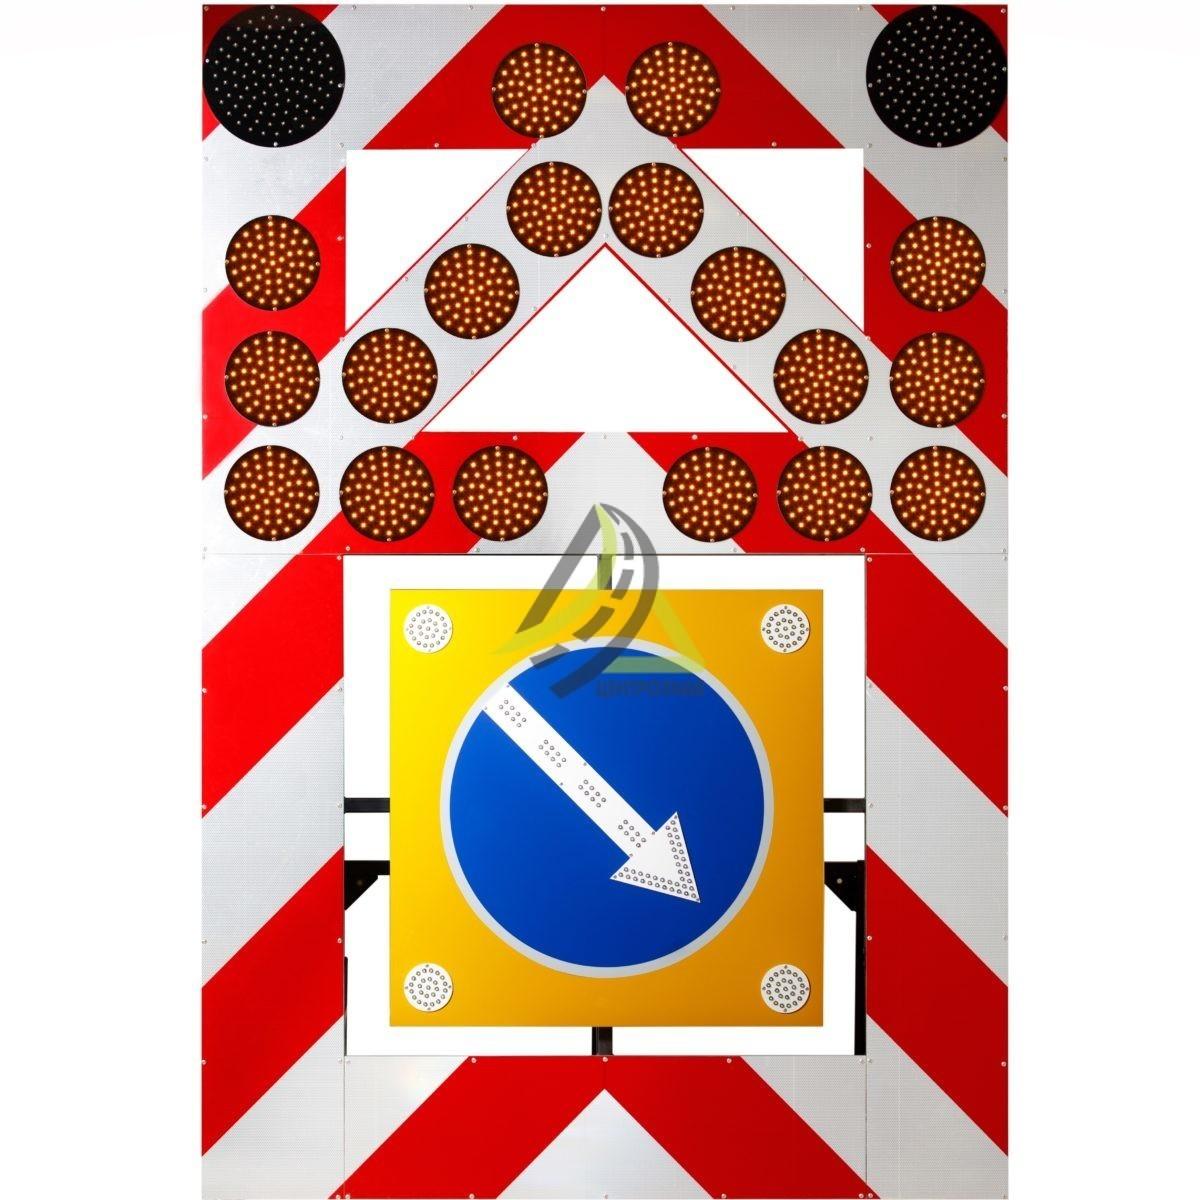 ЗИП Светодиодный передвижной заградительный знак (повышенной яркости)